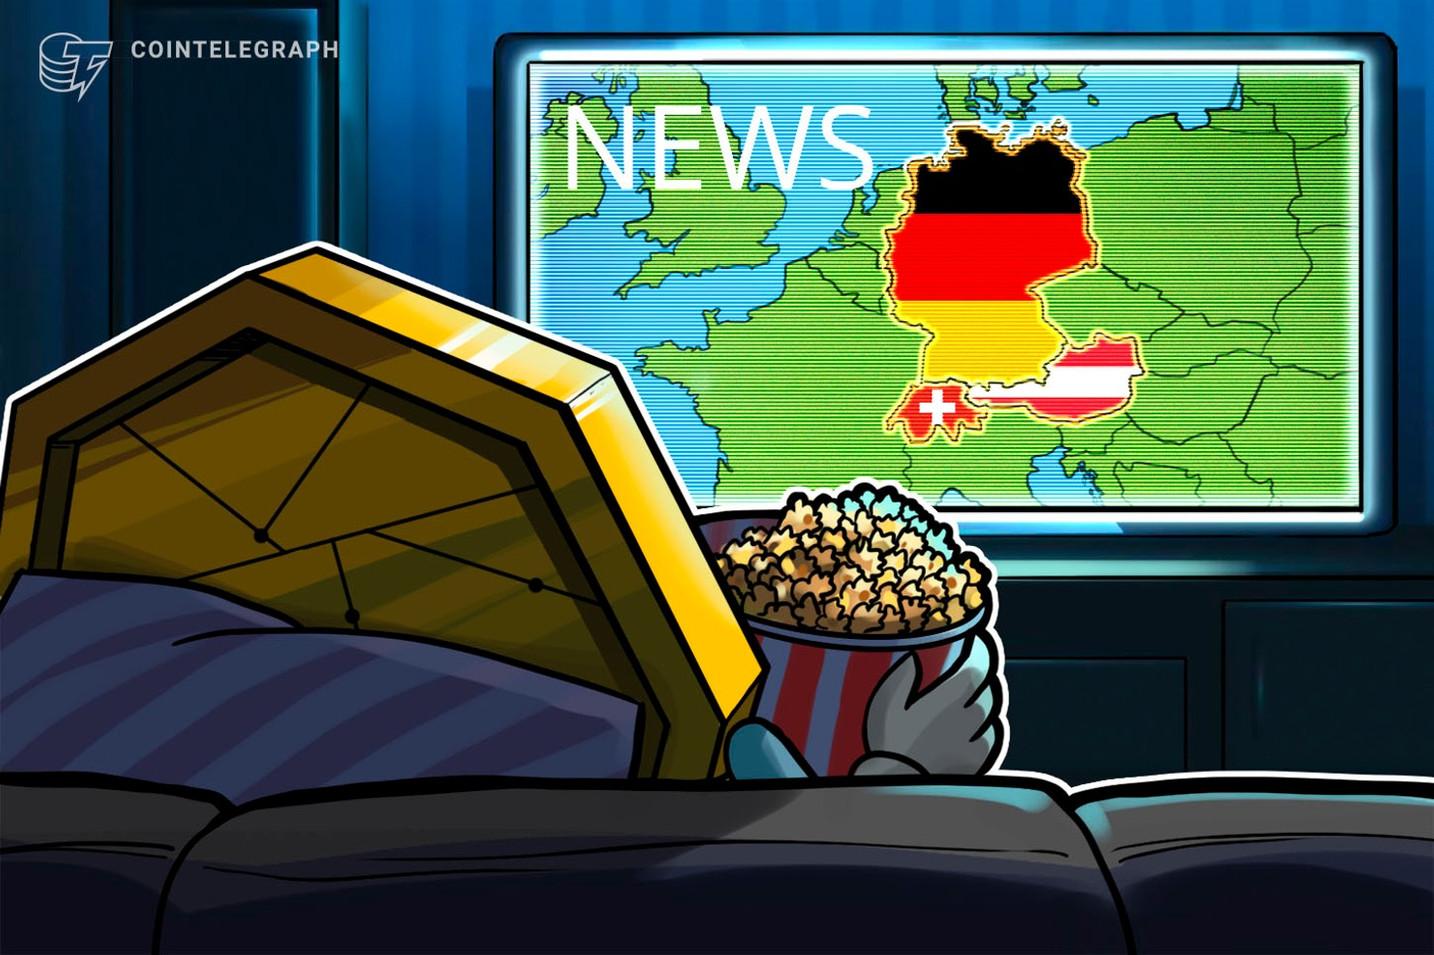 ドイツの銀行が来年にも仮想通貨の販売やカストディ業務開始|新法案が提出=報道【ニュース】